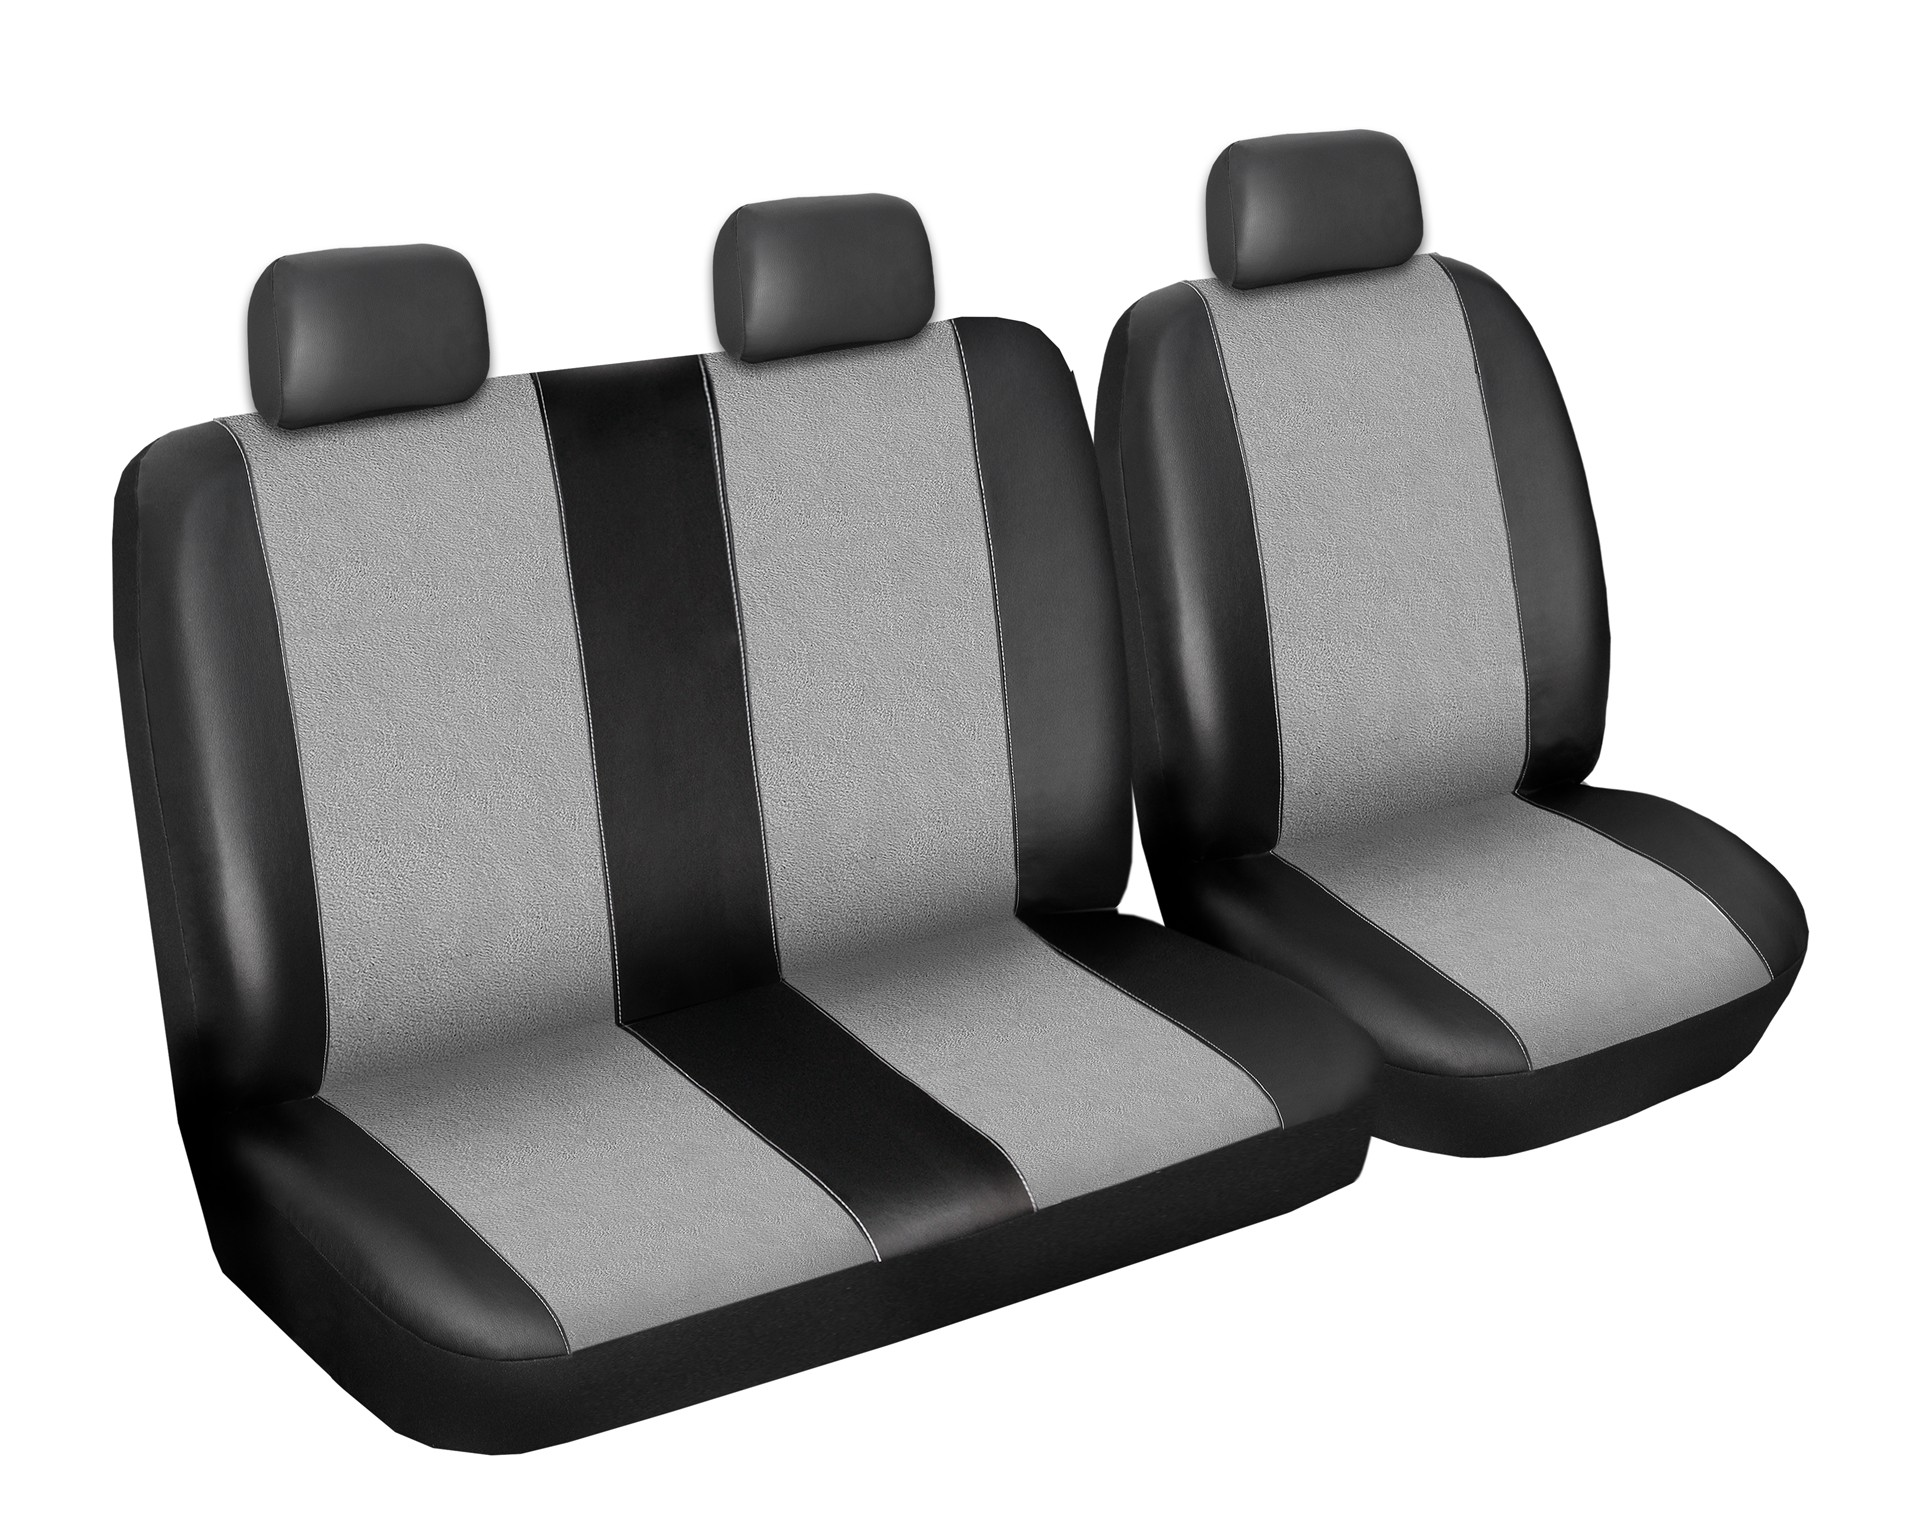 Autopotahy Citroen Jumper II, 3 místný, od r. 2006, Eco kůže + alcantara šedé